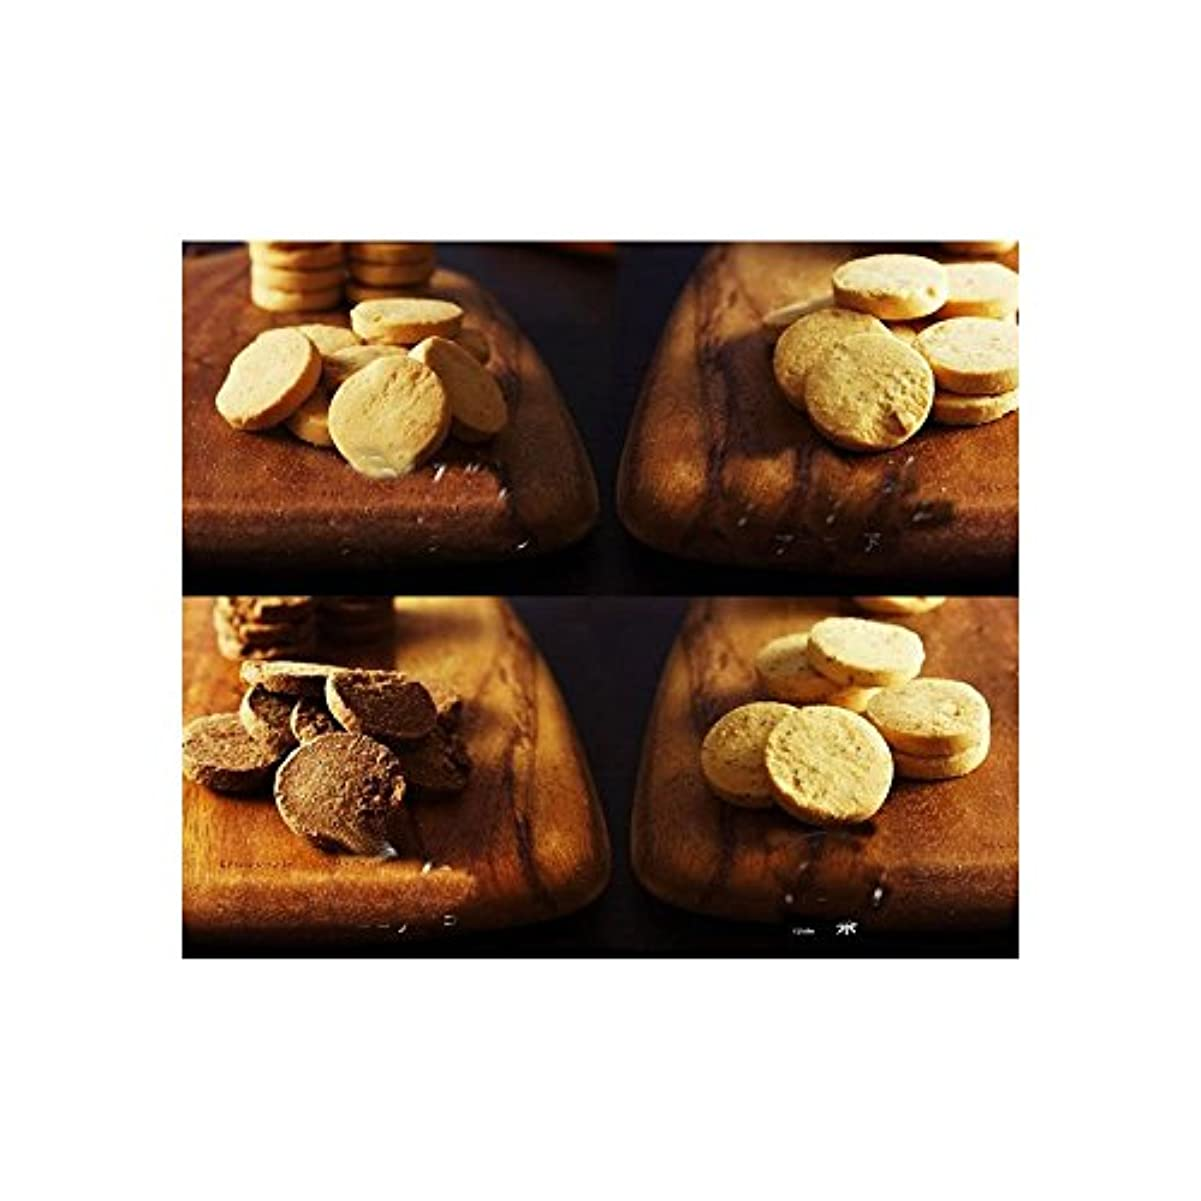 マーケティング建設水差し糖質を抑えた豆乳おからクッキー